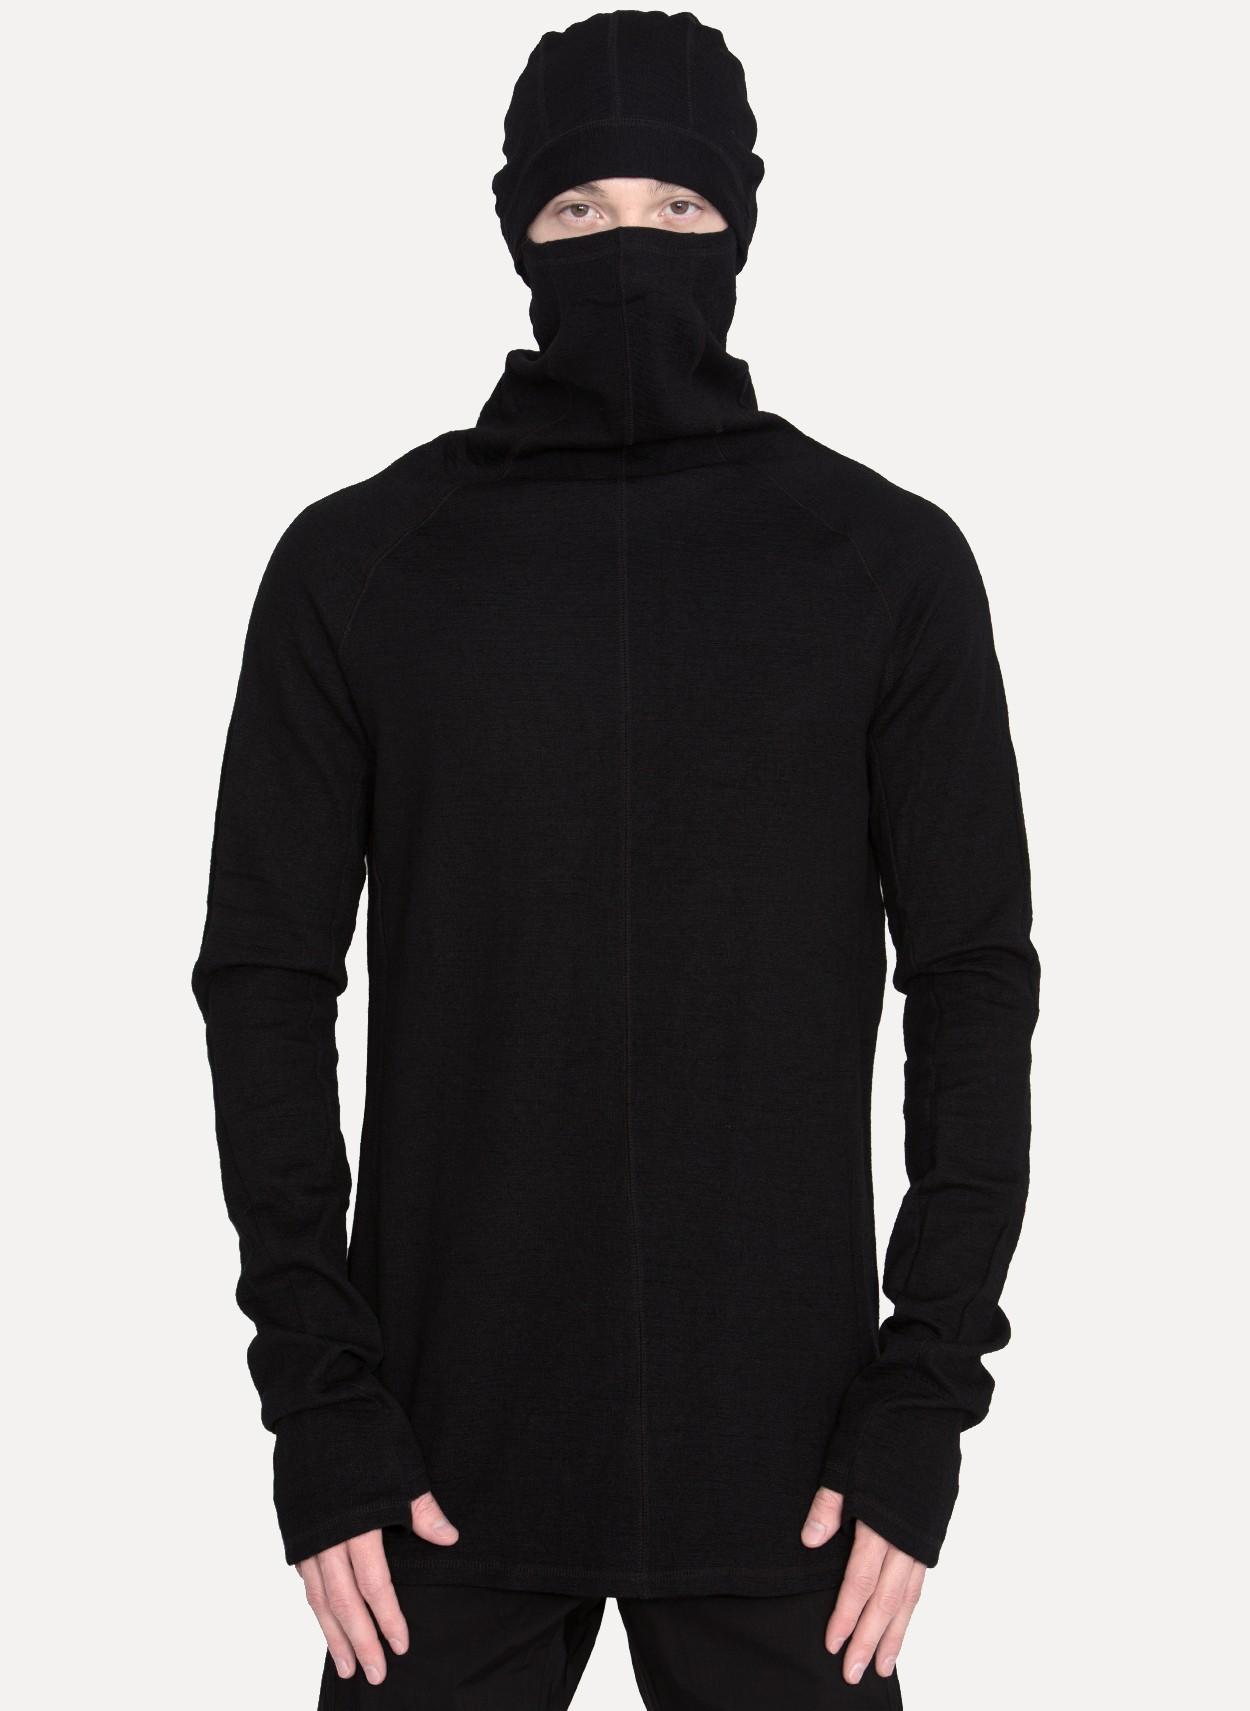 Black ninja hoodie